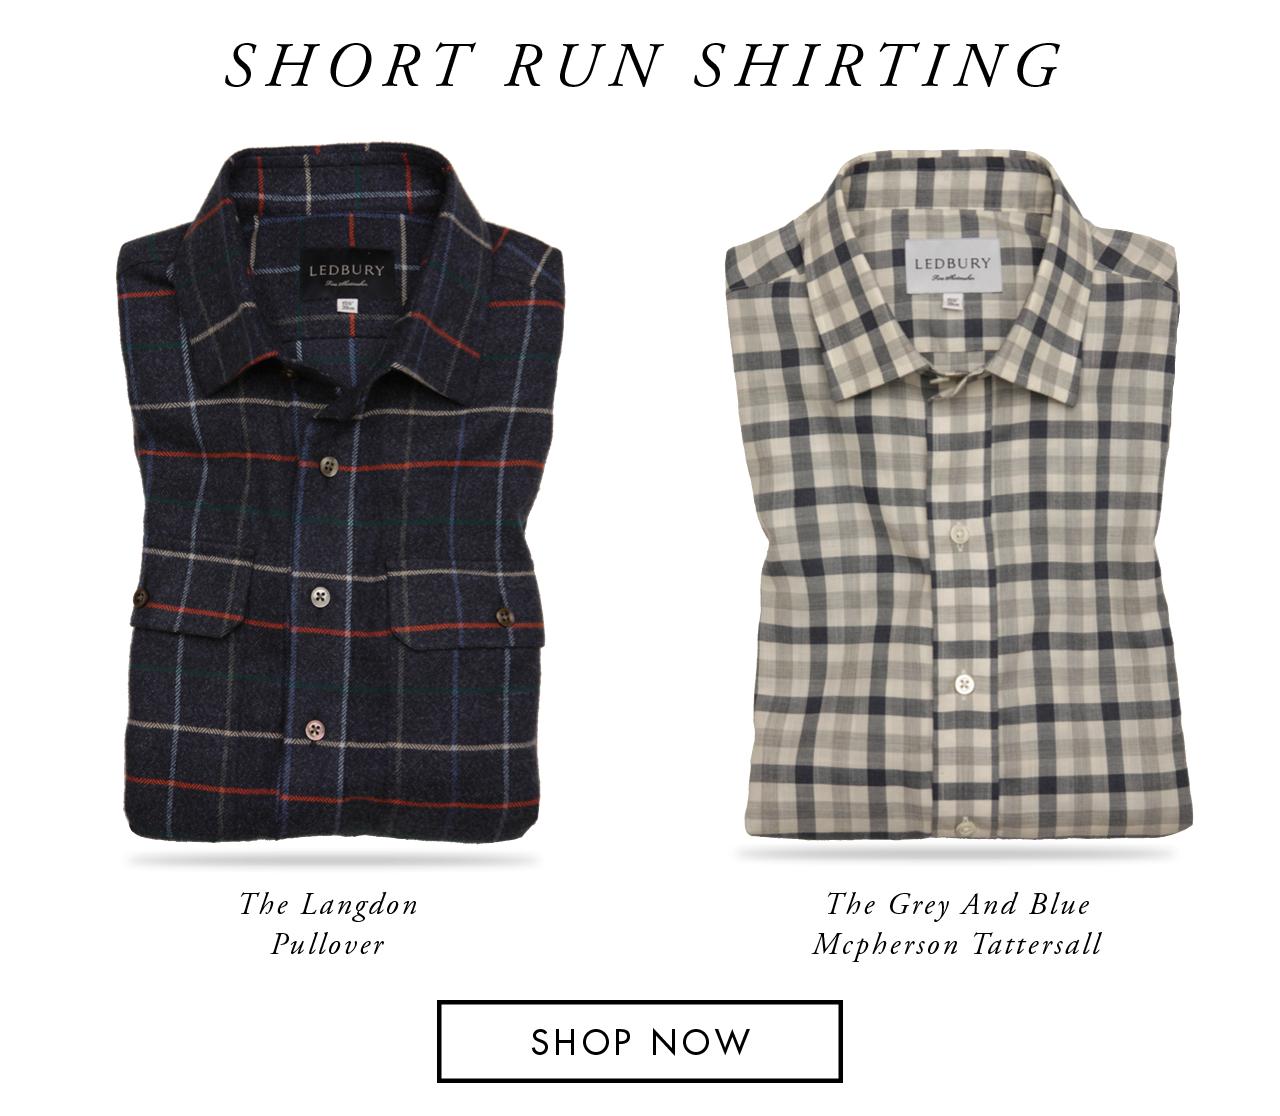 Short Run Shirting